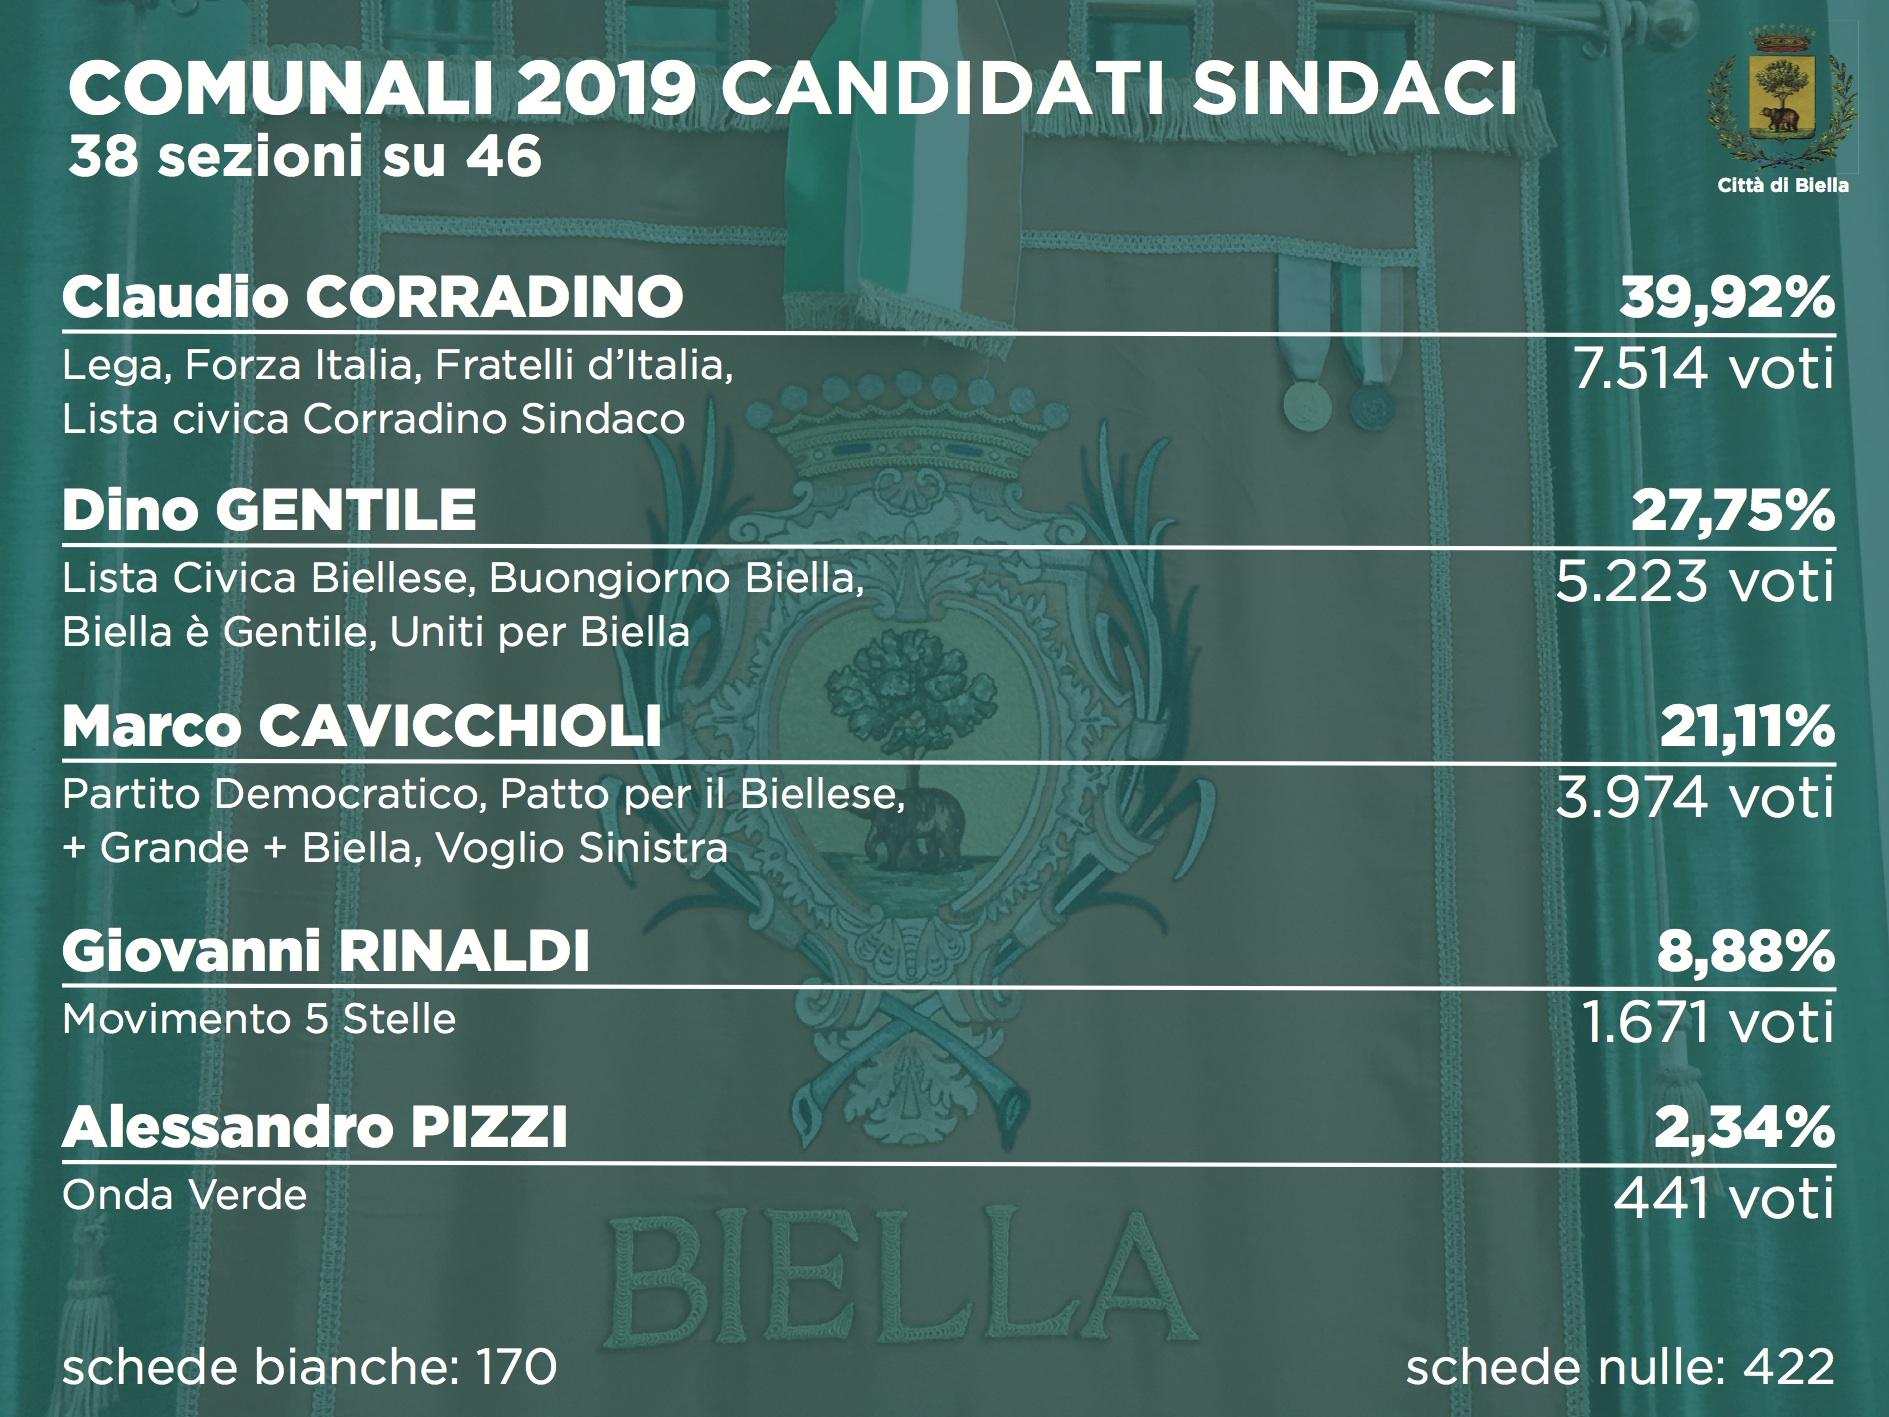 Elezioni 2019, i risultati alle comunali dopo 38 sezioni